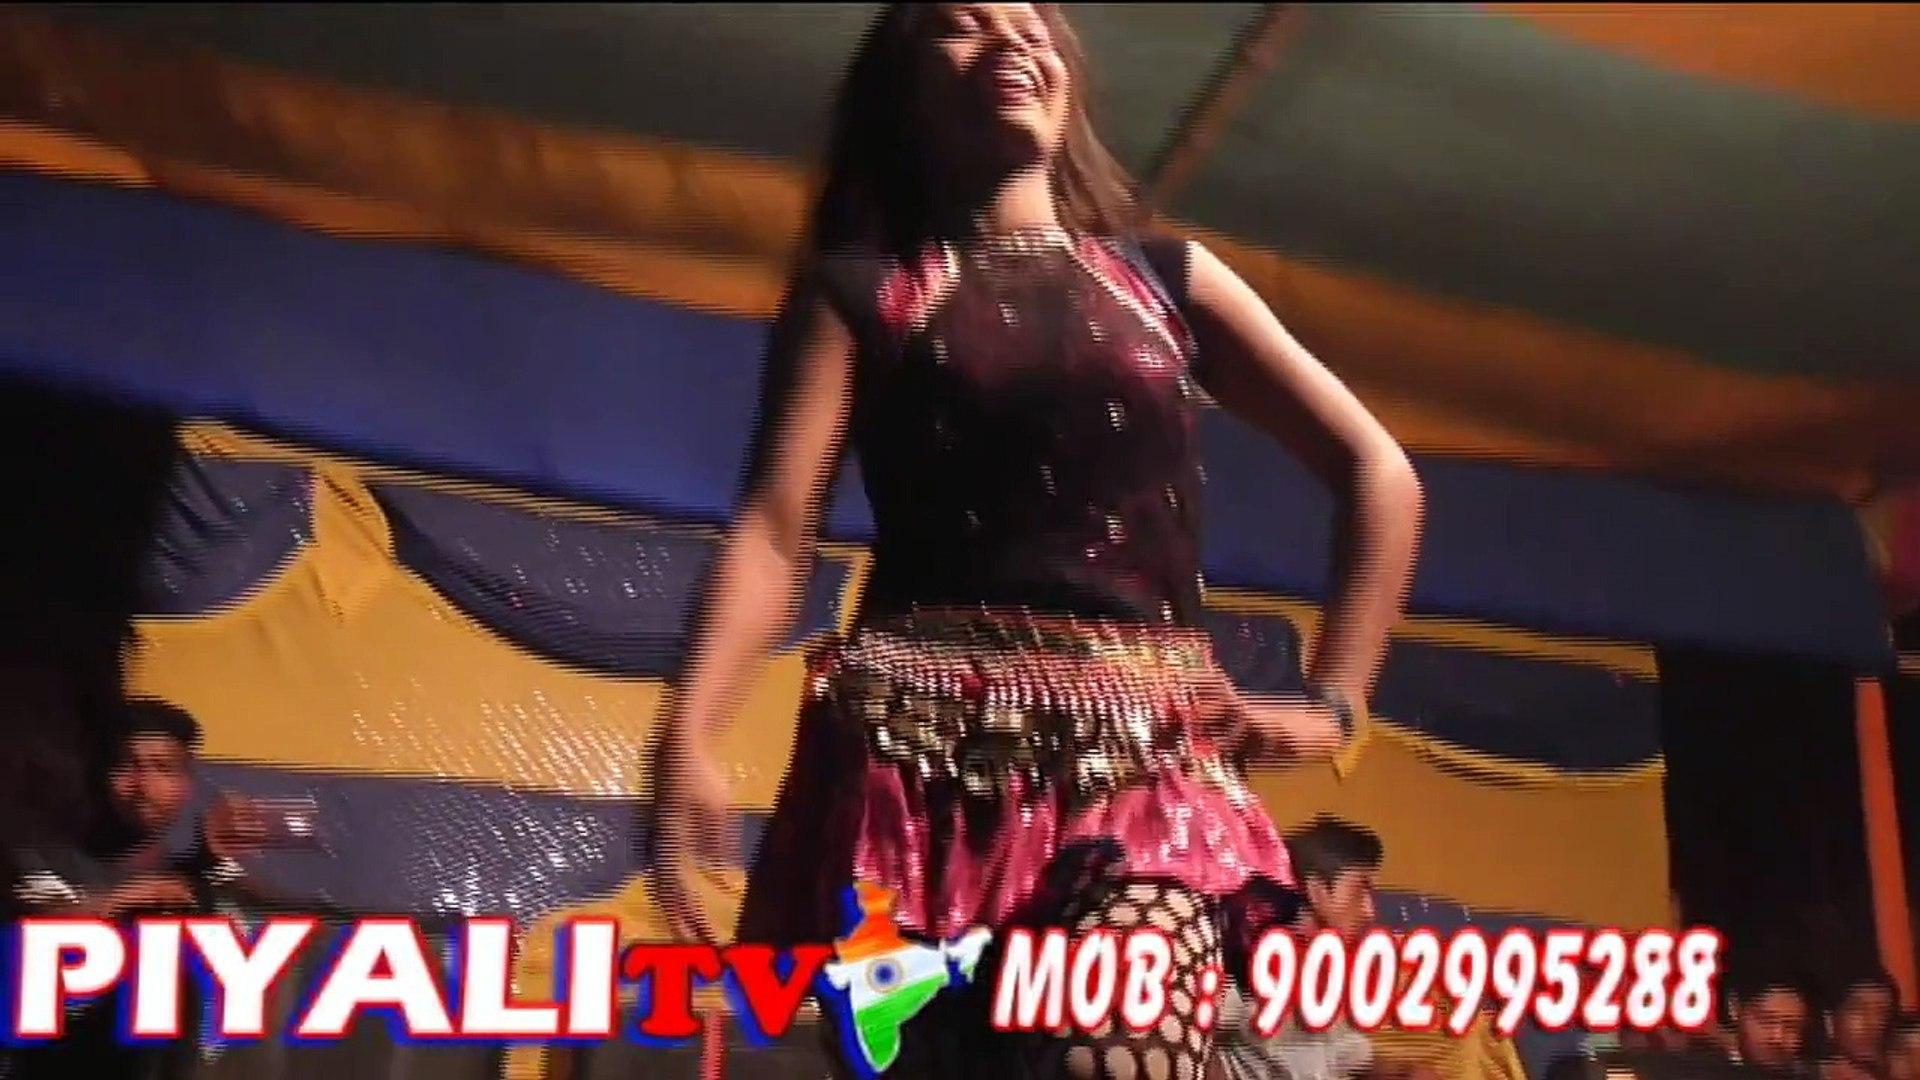 ac ac bhojpuri songs dance - Duttapara Mela 2018